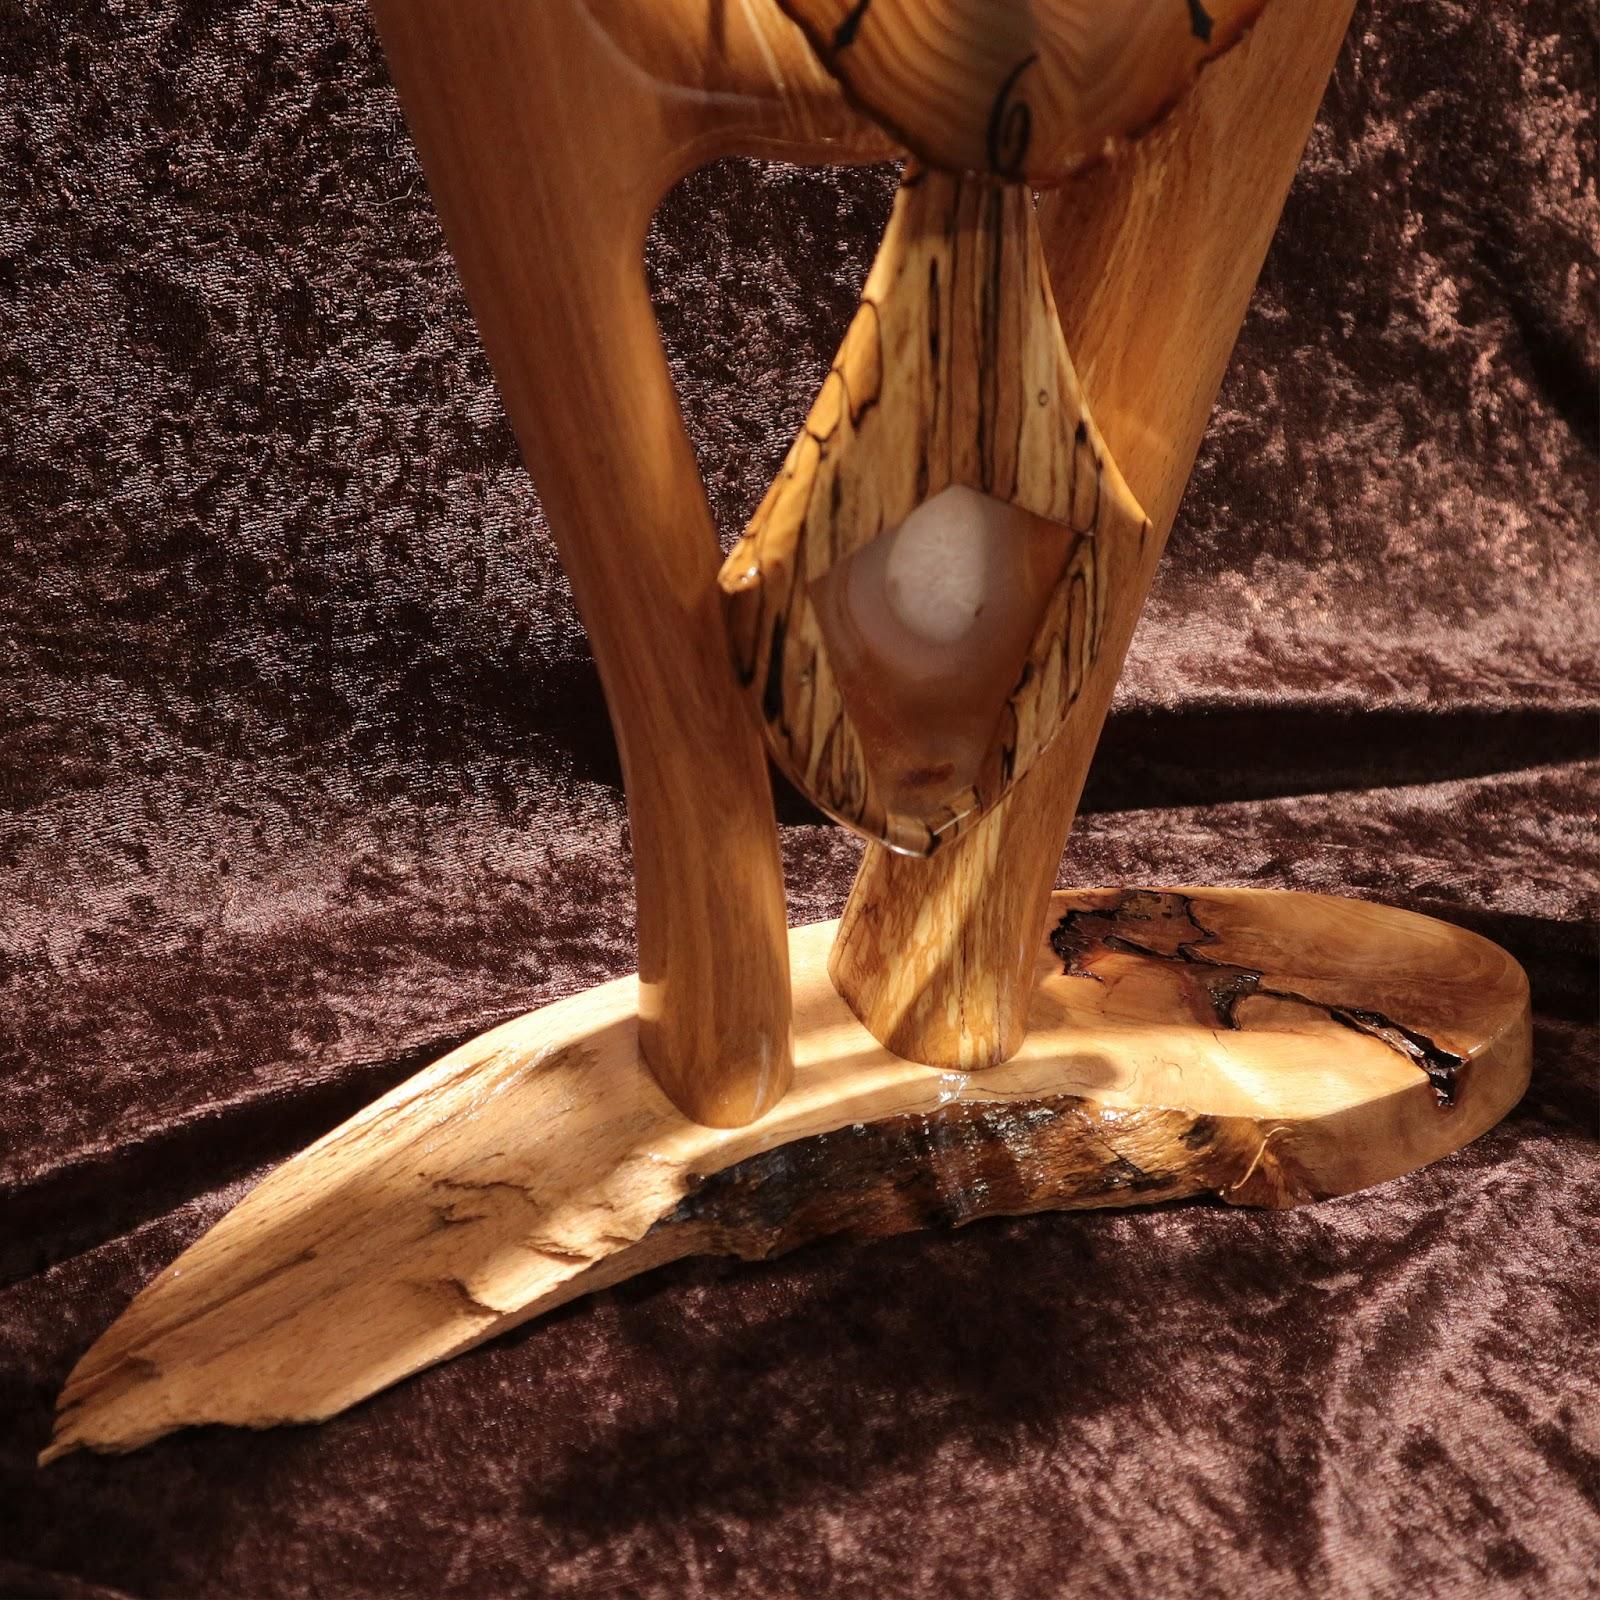 Le Balancier Sculpt Dans Mme Bois Est Orn Dun Cu DAgathe Afin De Lester Avec Lgance